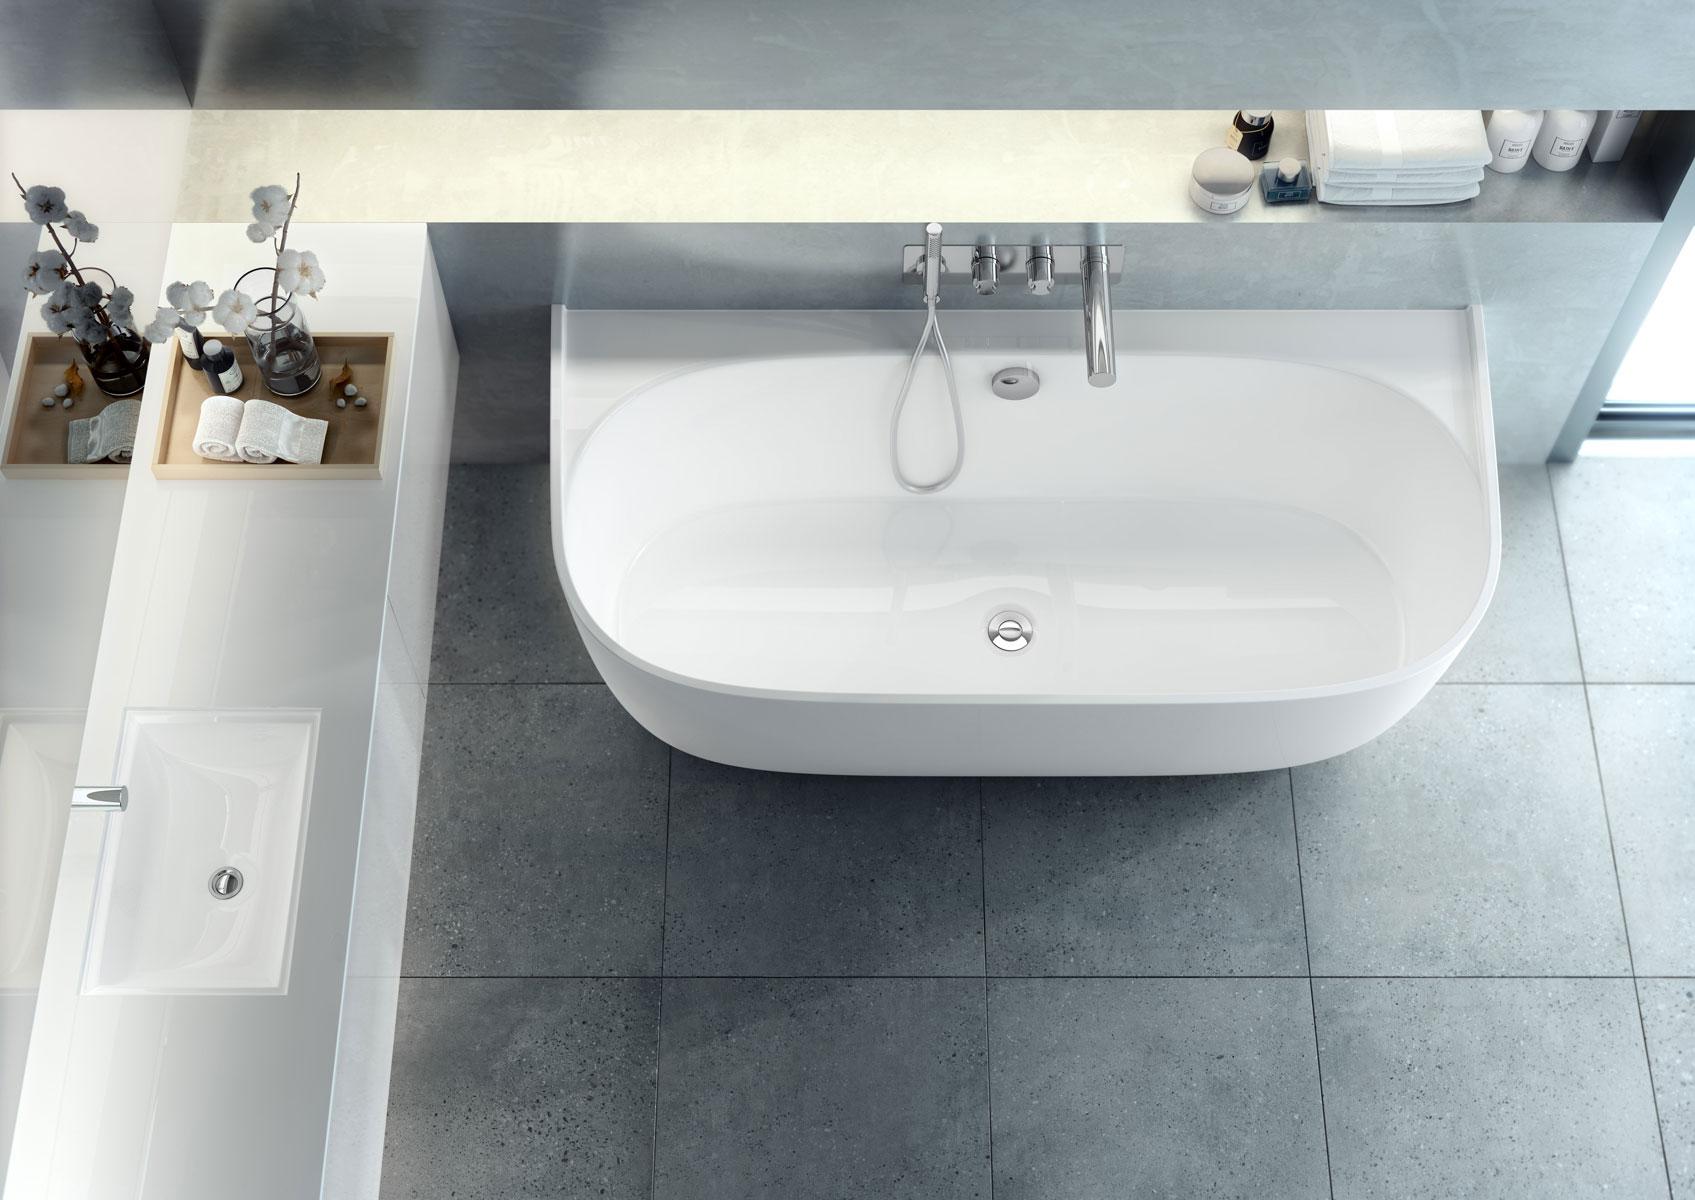 Vasca da bagno in cemento affordable pareti bagno in - Vasca da bagno in cemento ...